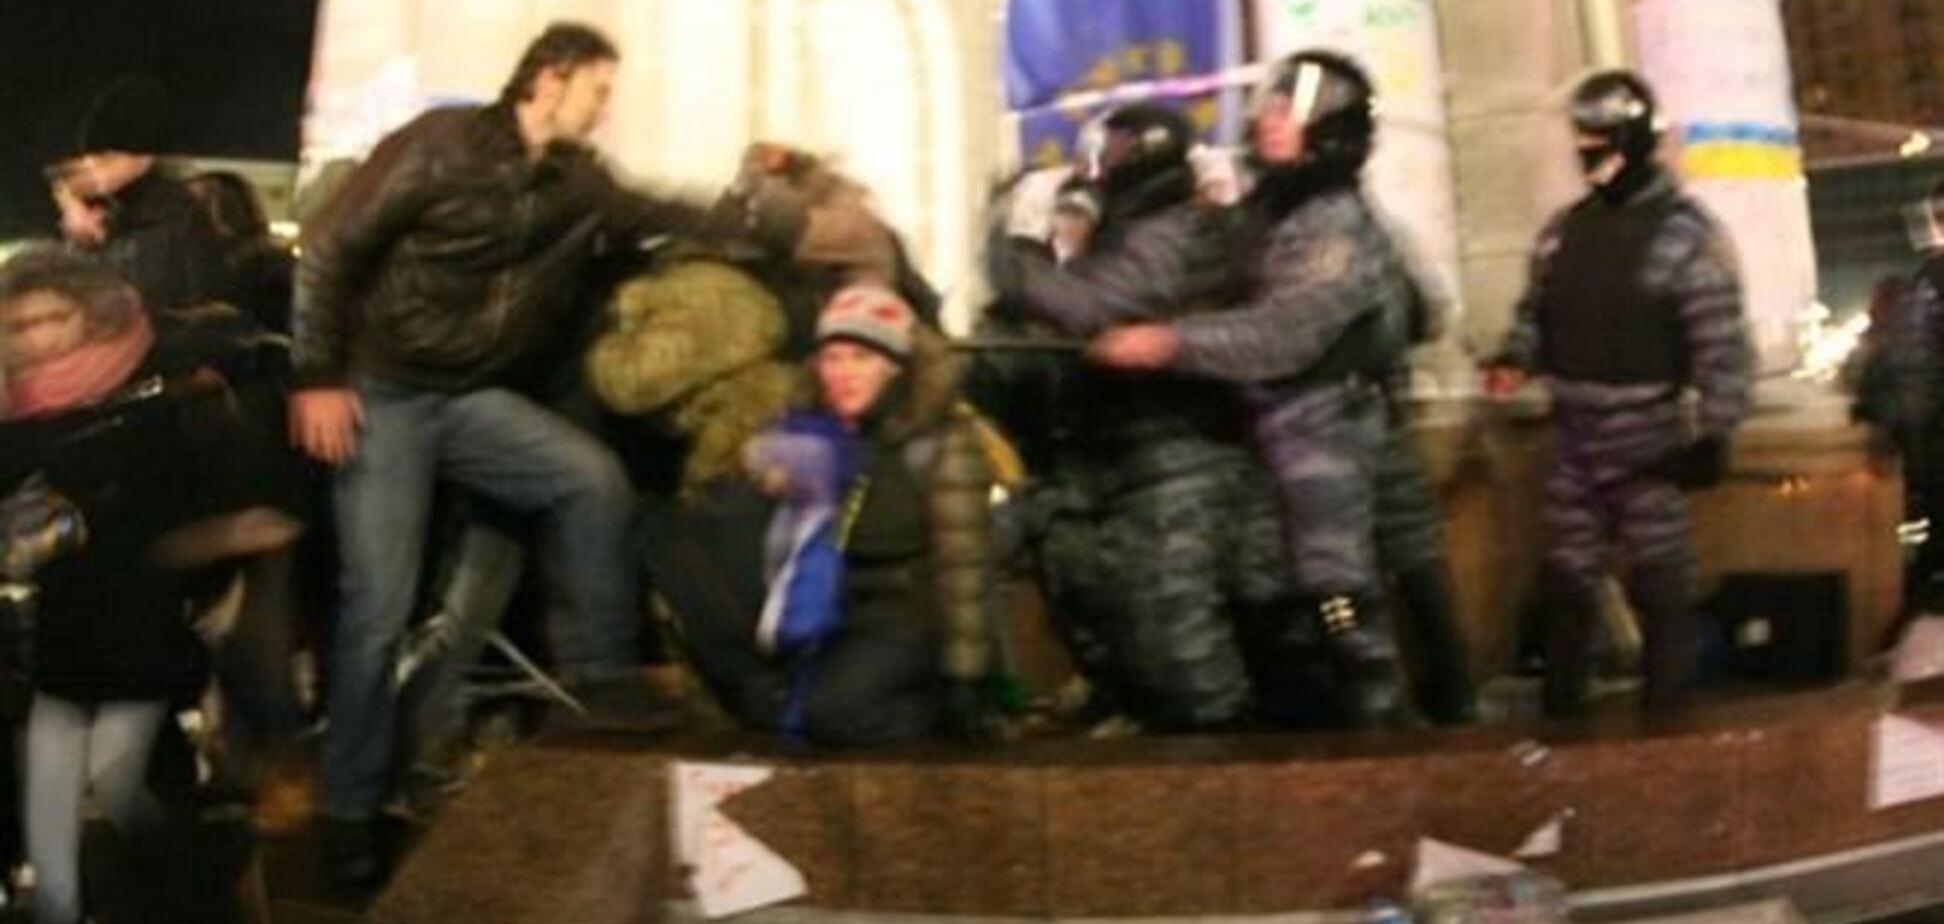 Азаров: 'Беркут' на Евромайдане избивал провокаторов, а не студентов